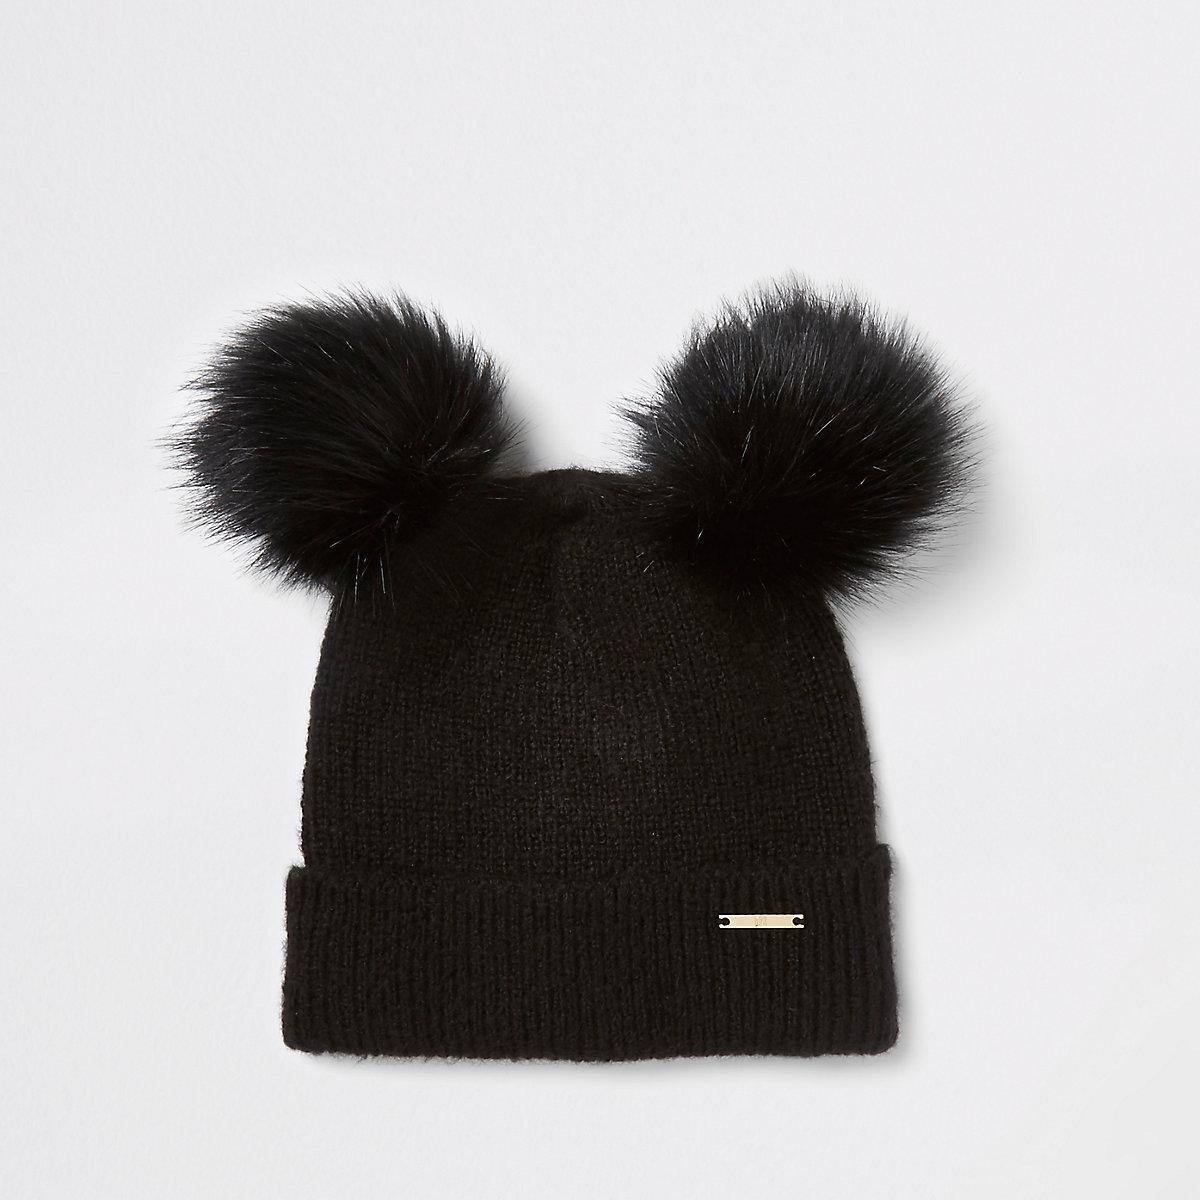 Black faux fur double pom pom beanie hat